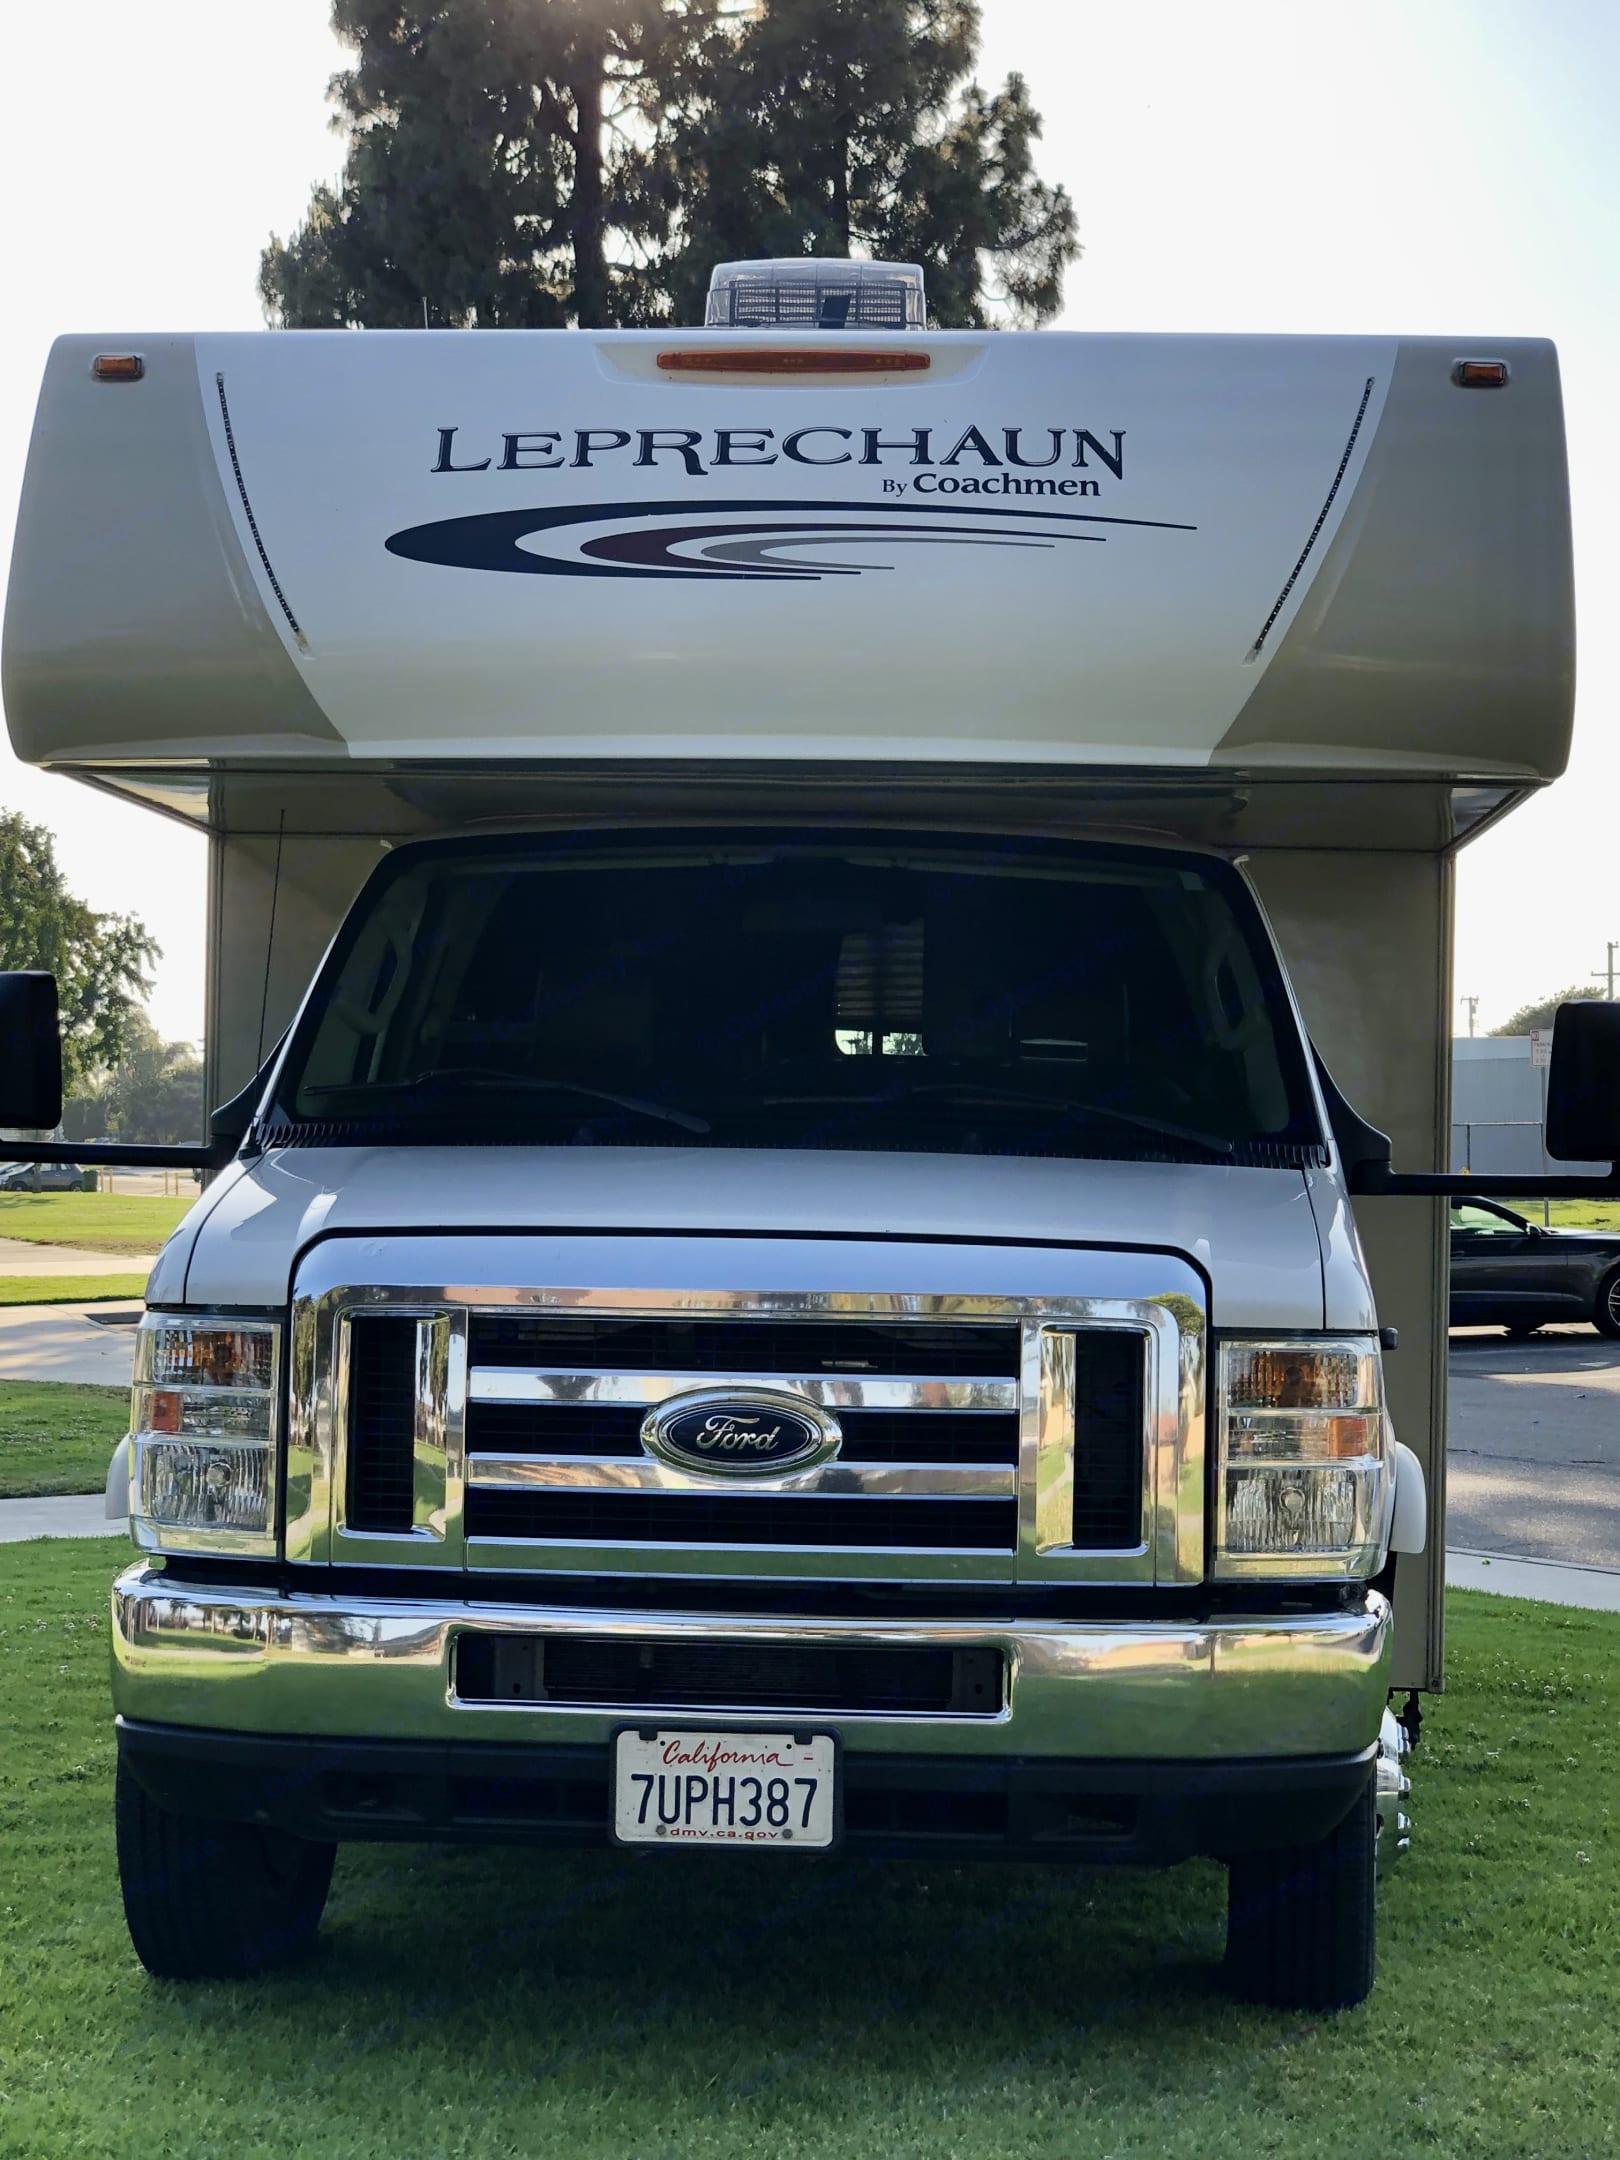 Exterior - Front. Coachmen Leprechaun 2017